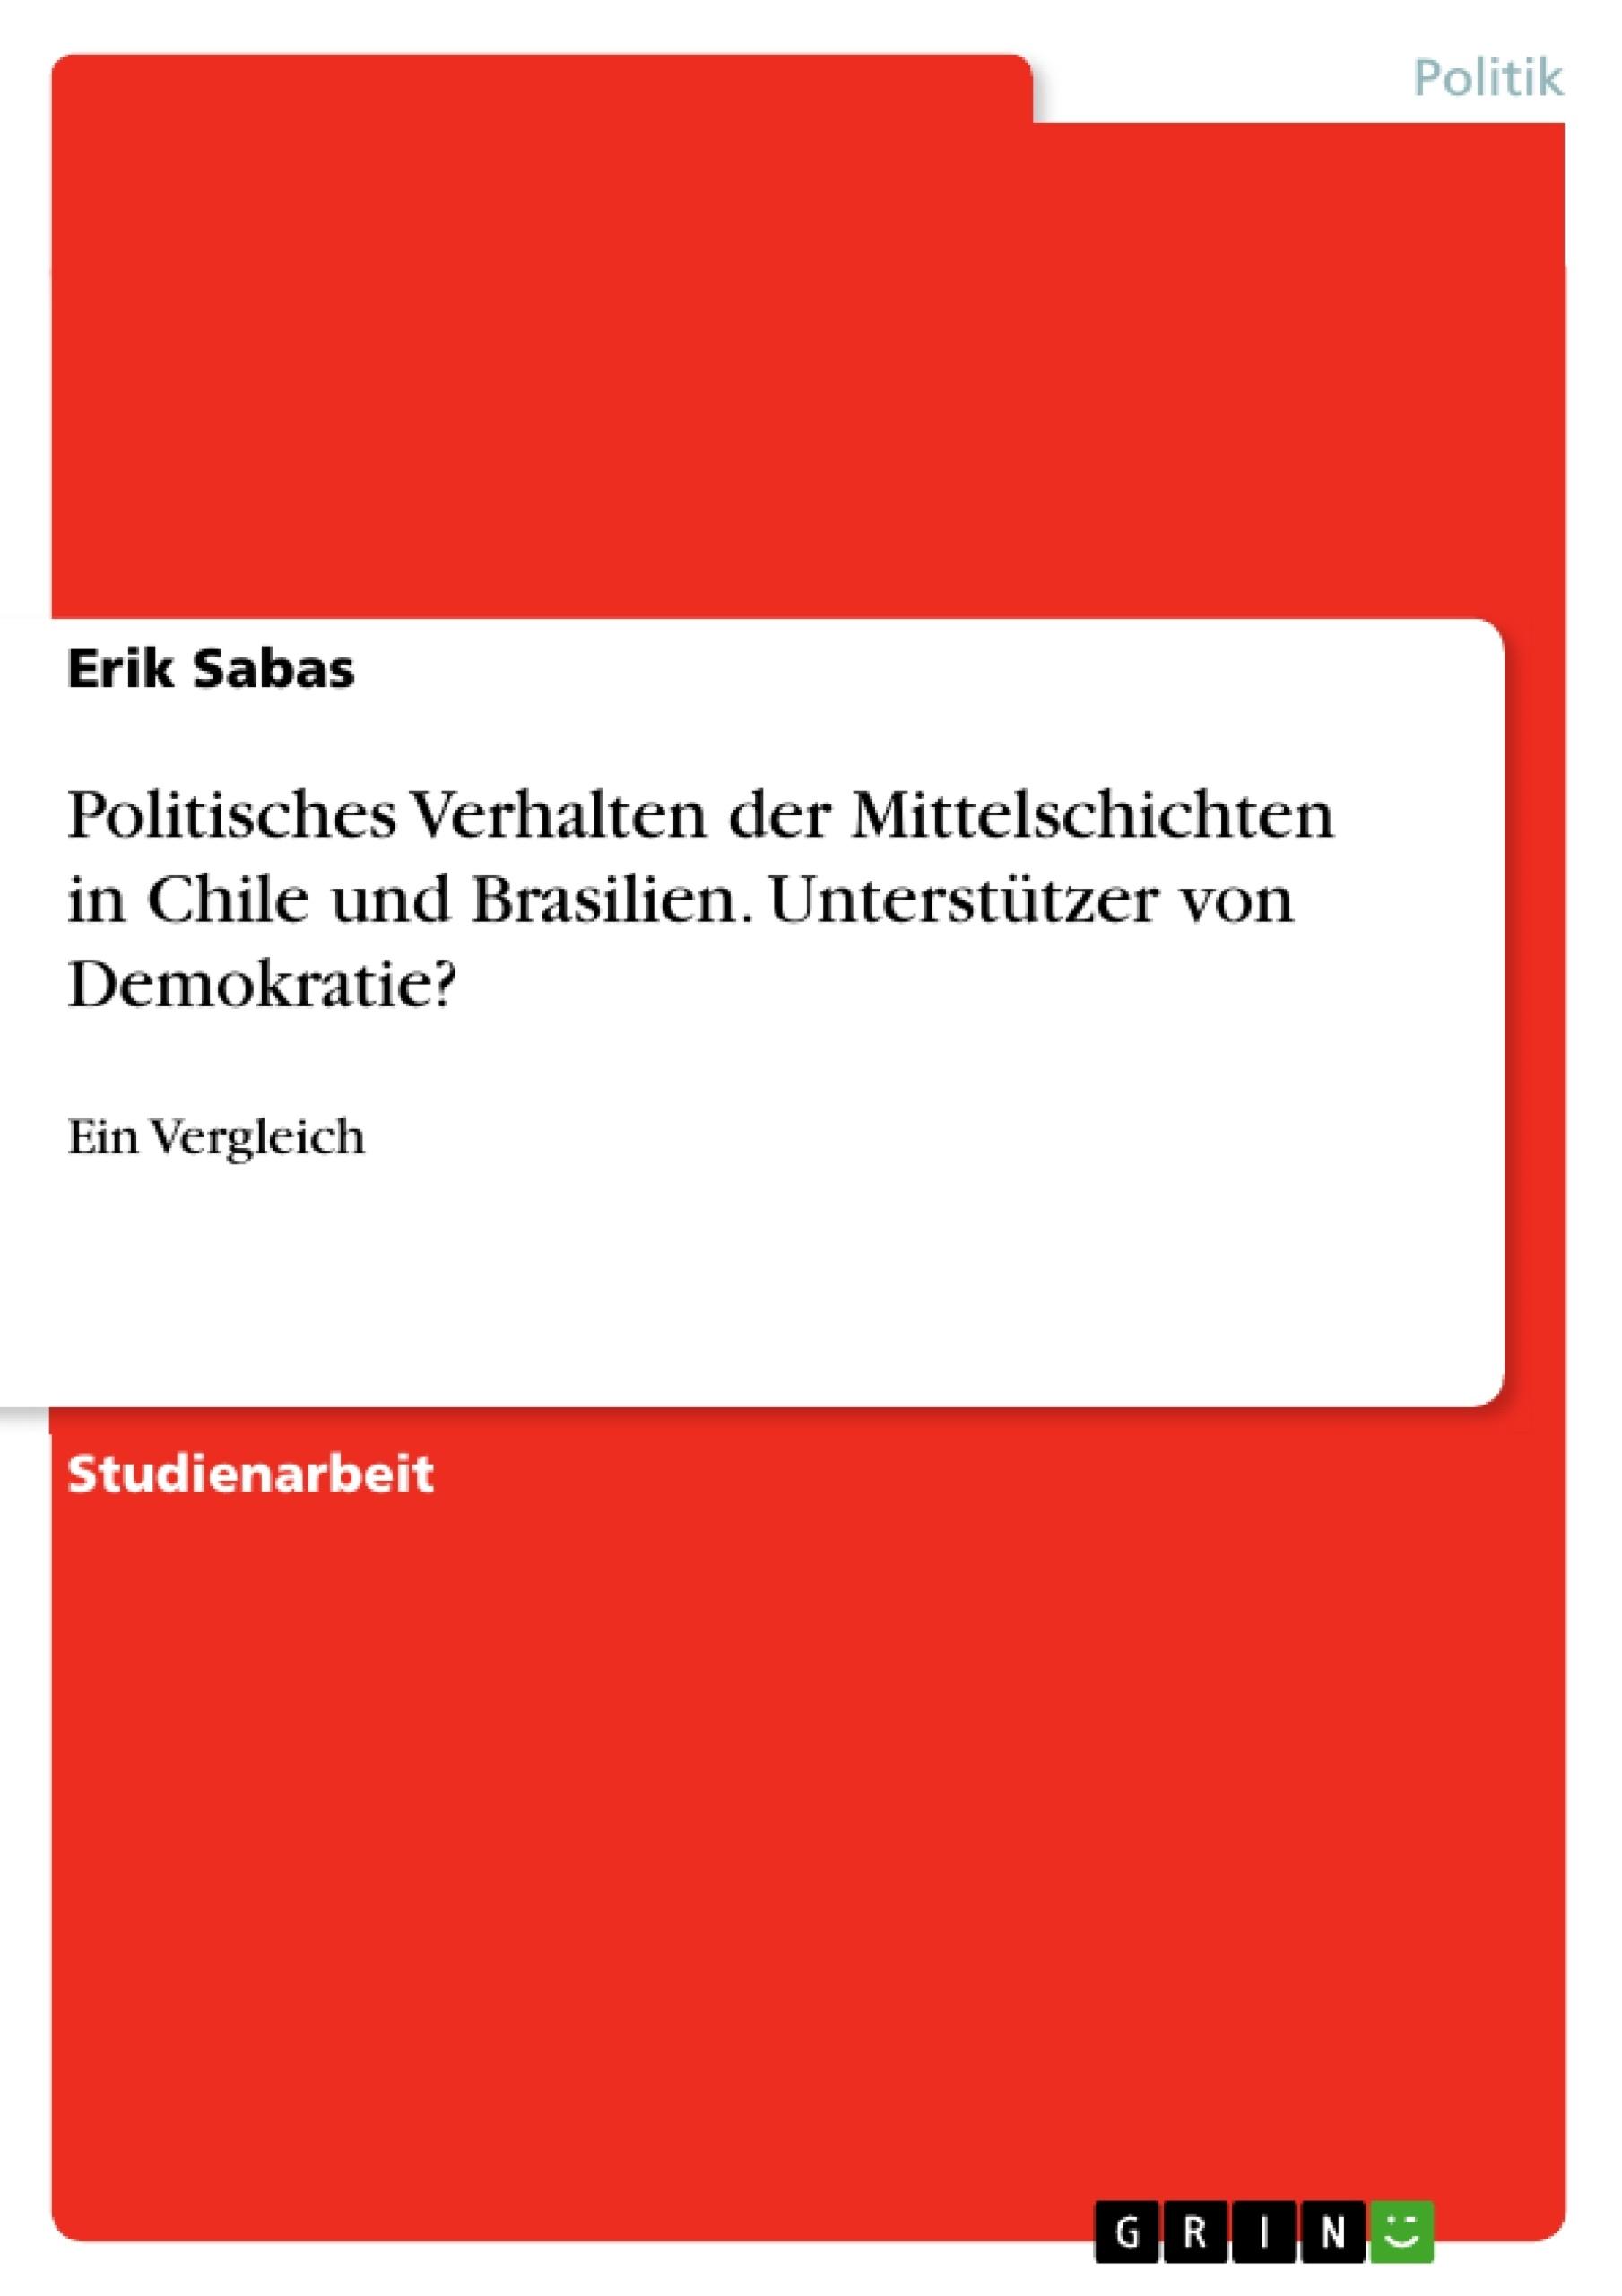 Titel: Politisches Verhalten der Mittelschichten in Chile und Brasilien. Unterstützer von Demokratie?